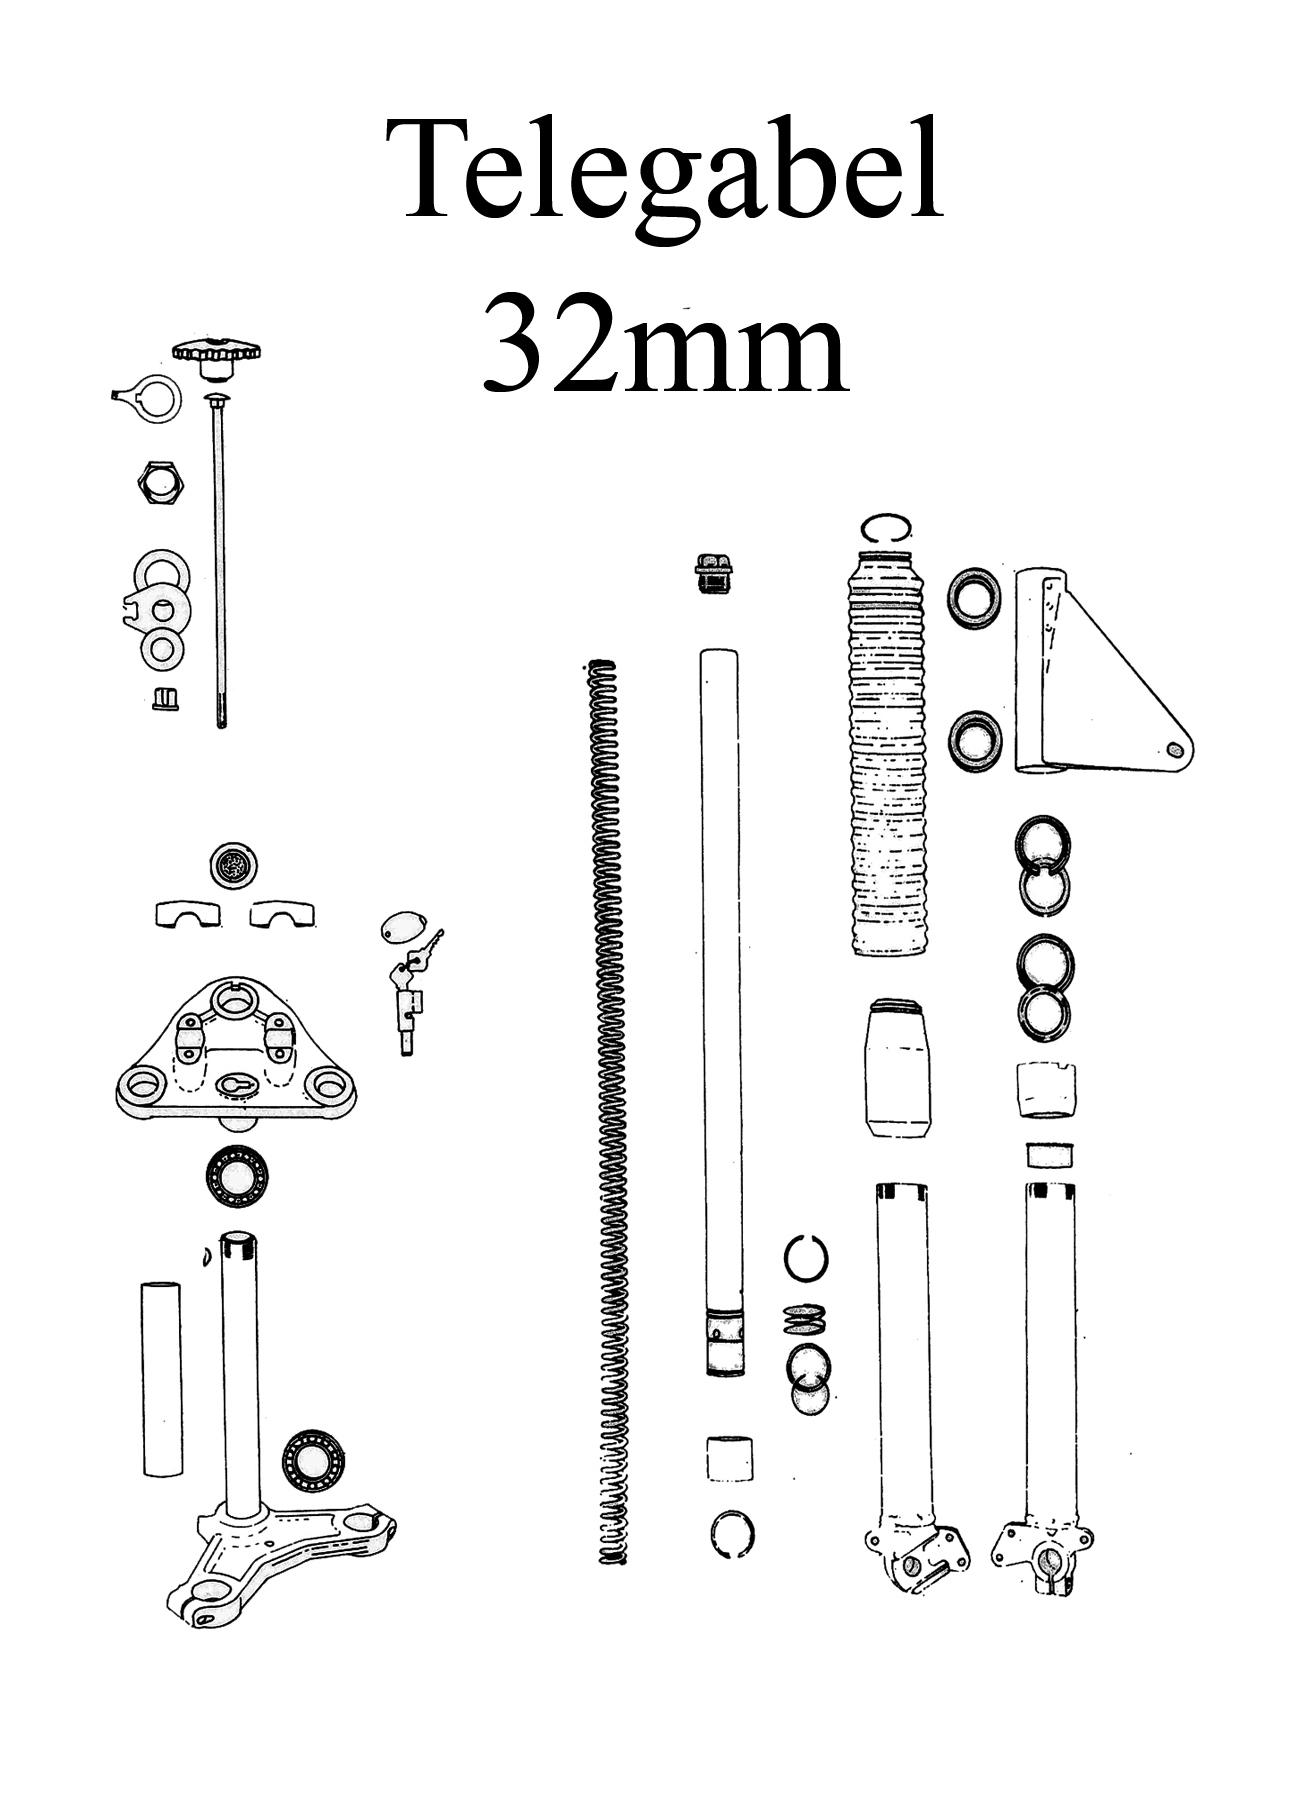 MZ TS 250/0-1 Ersatzteileliste Telegabel 32mm